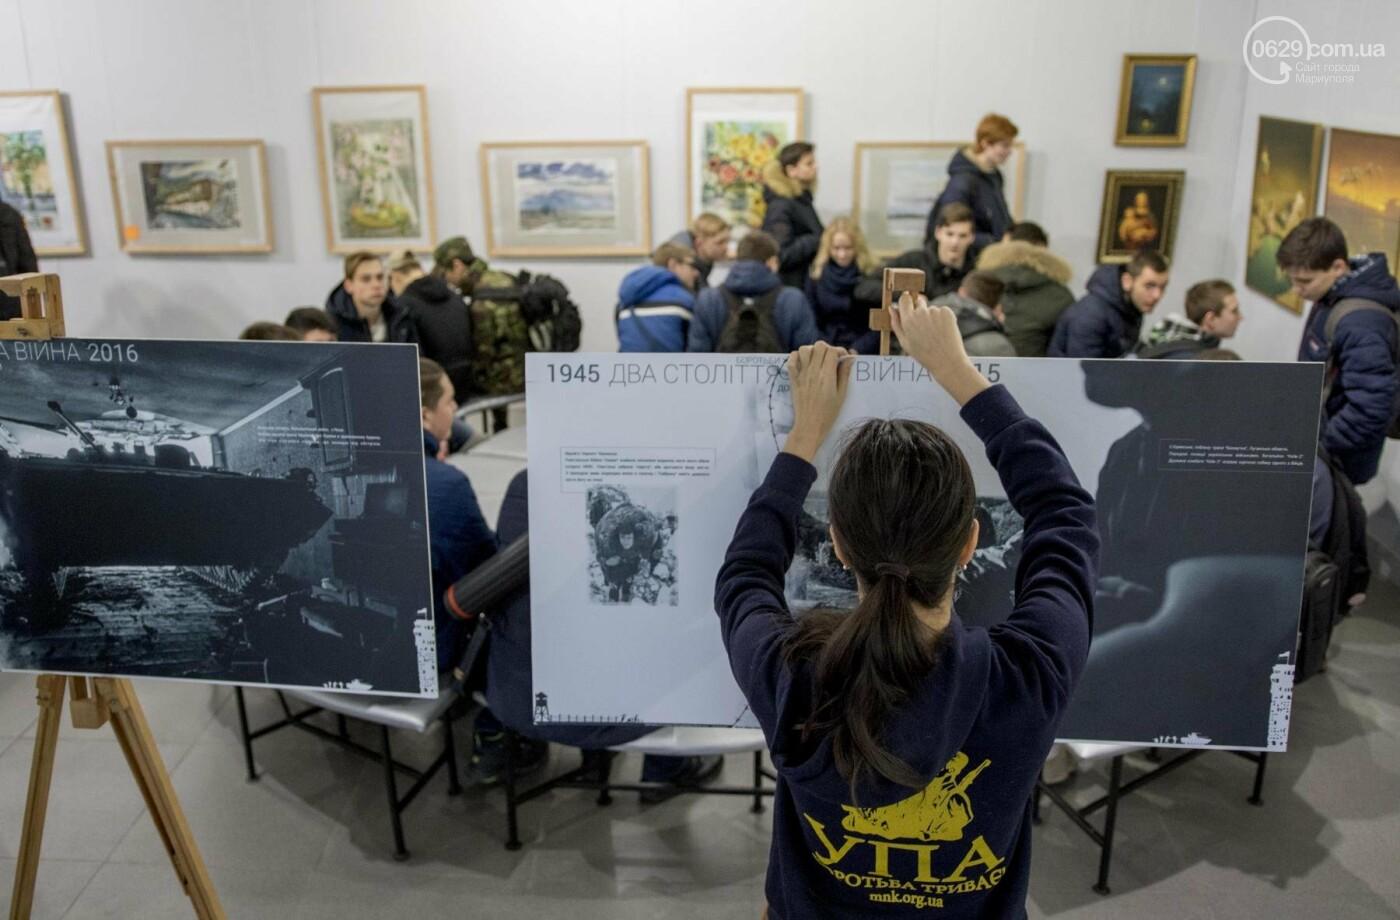 Фотовыставка «Два столетия, одна война»: в Мариуполе провели параллель между войной на Донбассе и борьбой УПА (ФОТО, ВИДЕО), фото-13